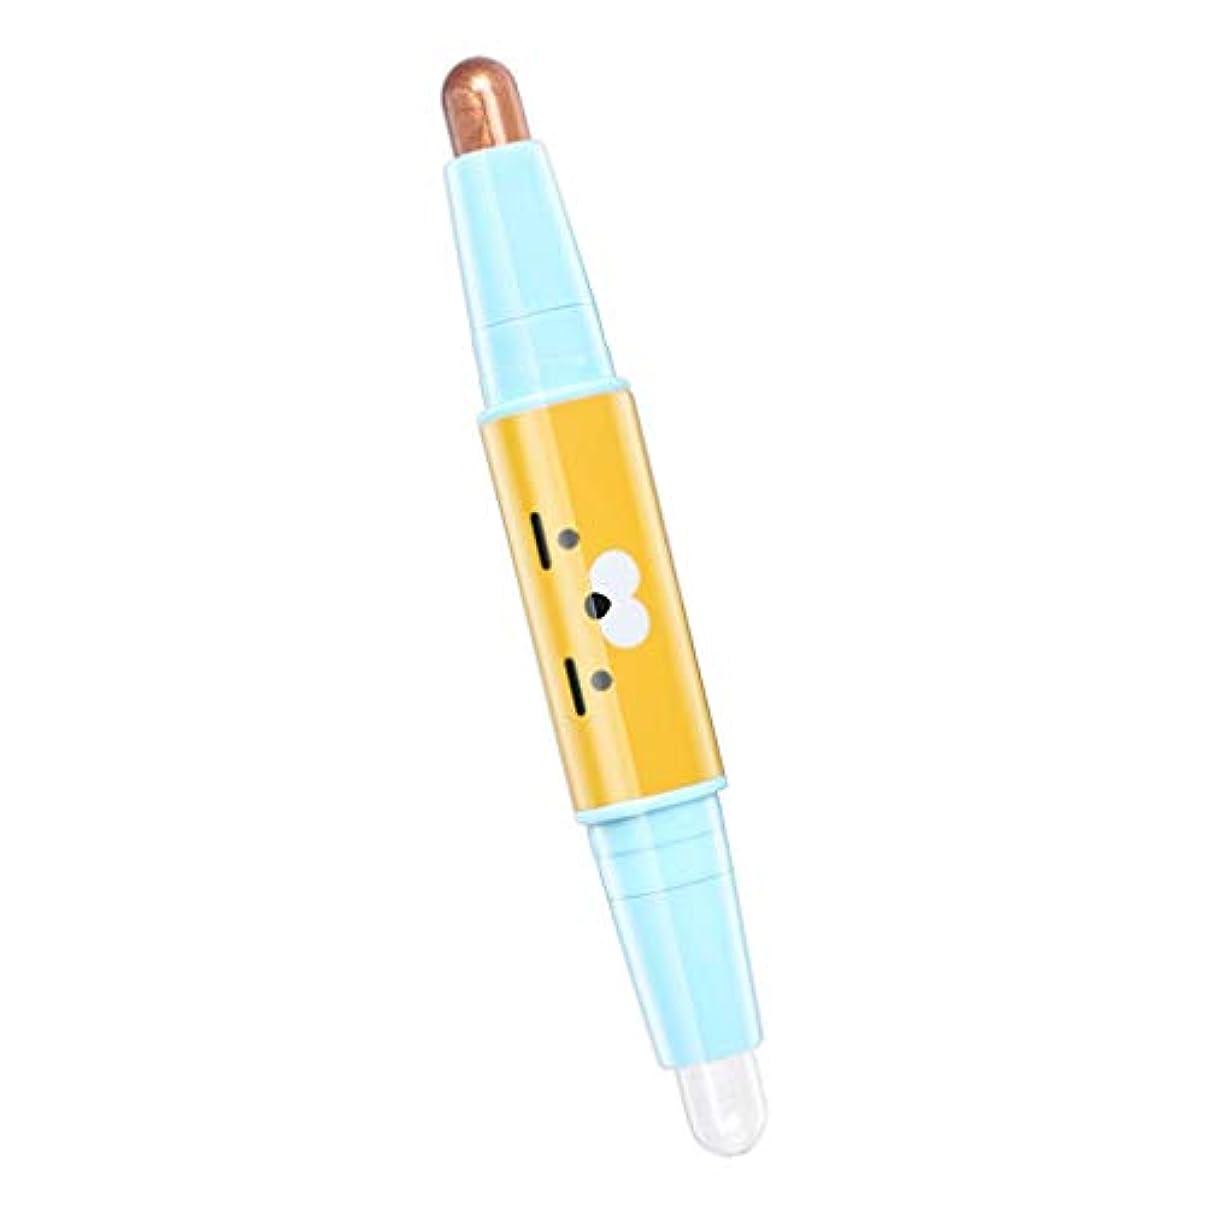 鉛筆司書がんばり続けるT TOOYFUL キラキラ アイシャドウ アイシャドウスティック 両端 メイクアップ 長持ち 防水 全6色 - 01